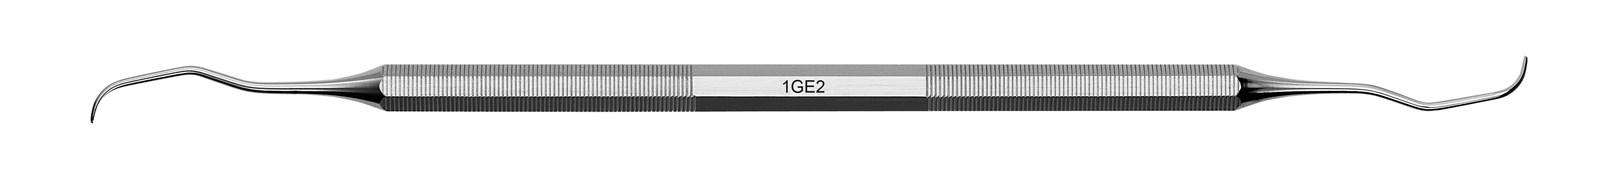 Kyreta Gracey Classic - 1GE2, ADEP silikonový návlek červený